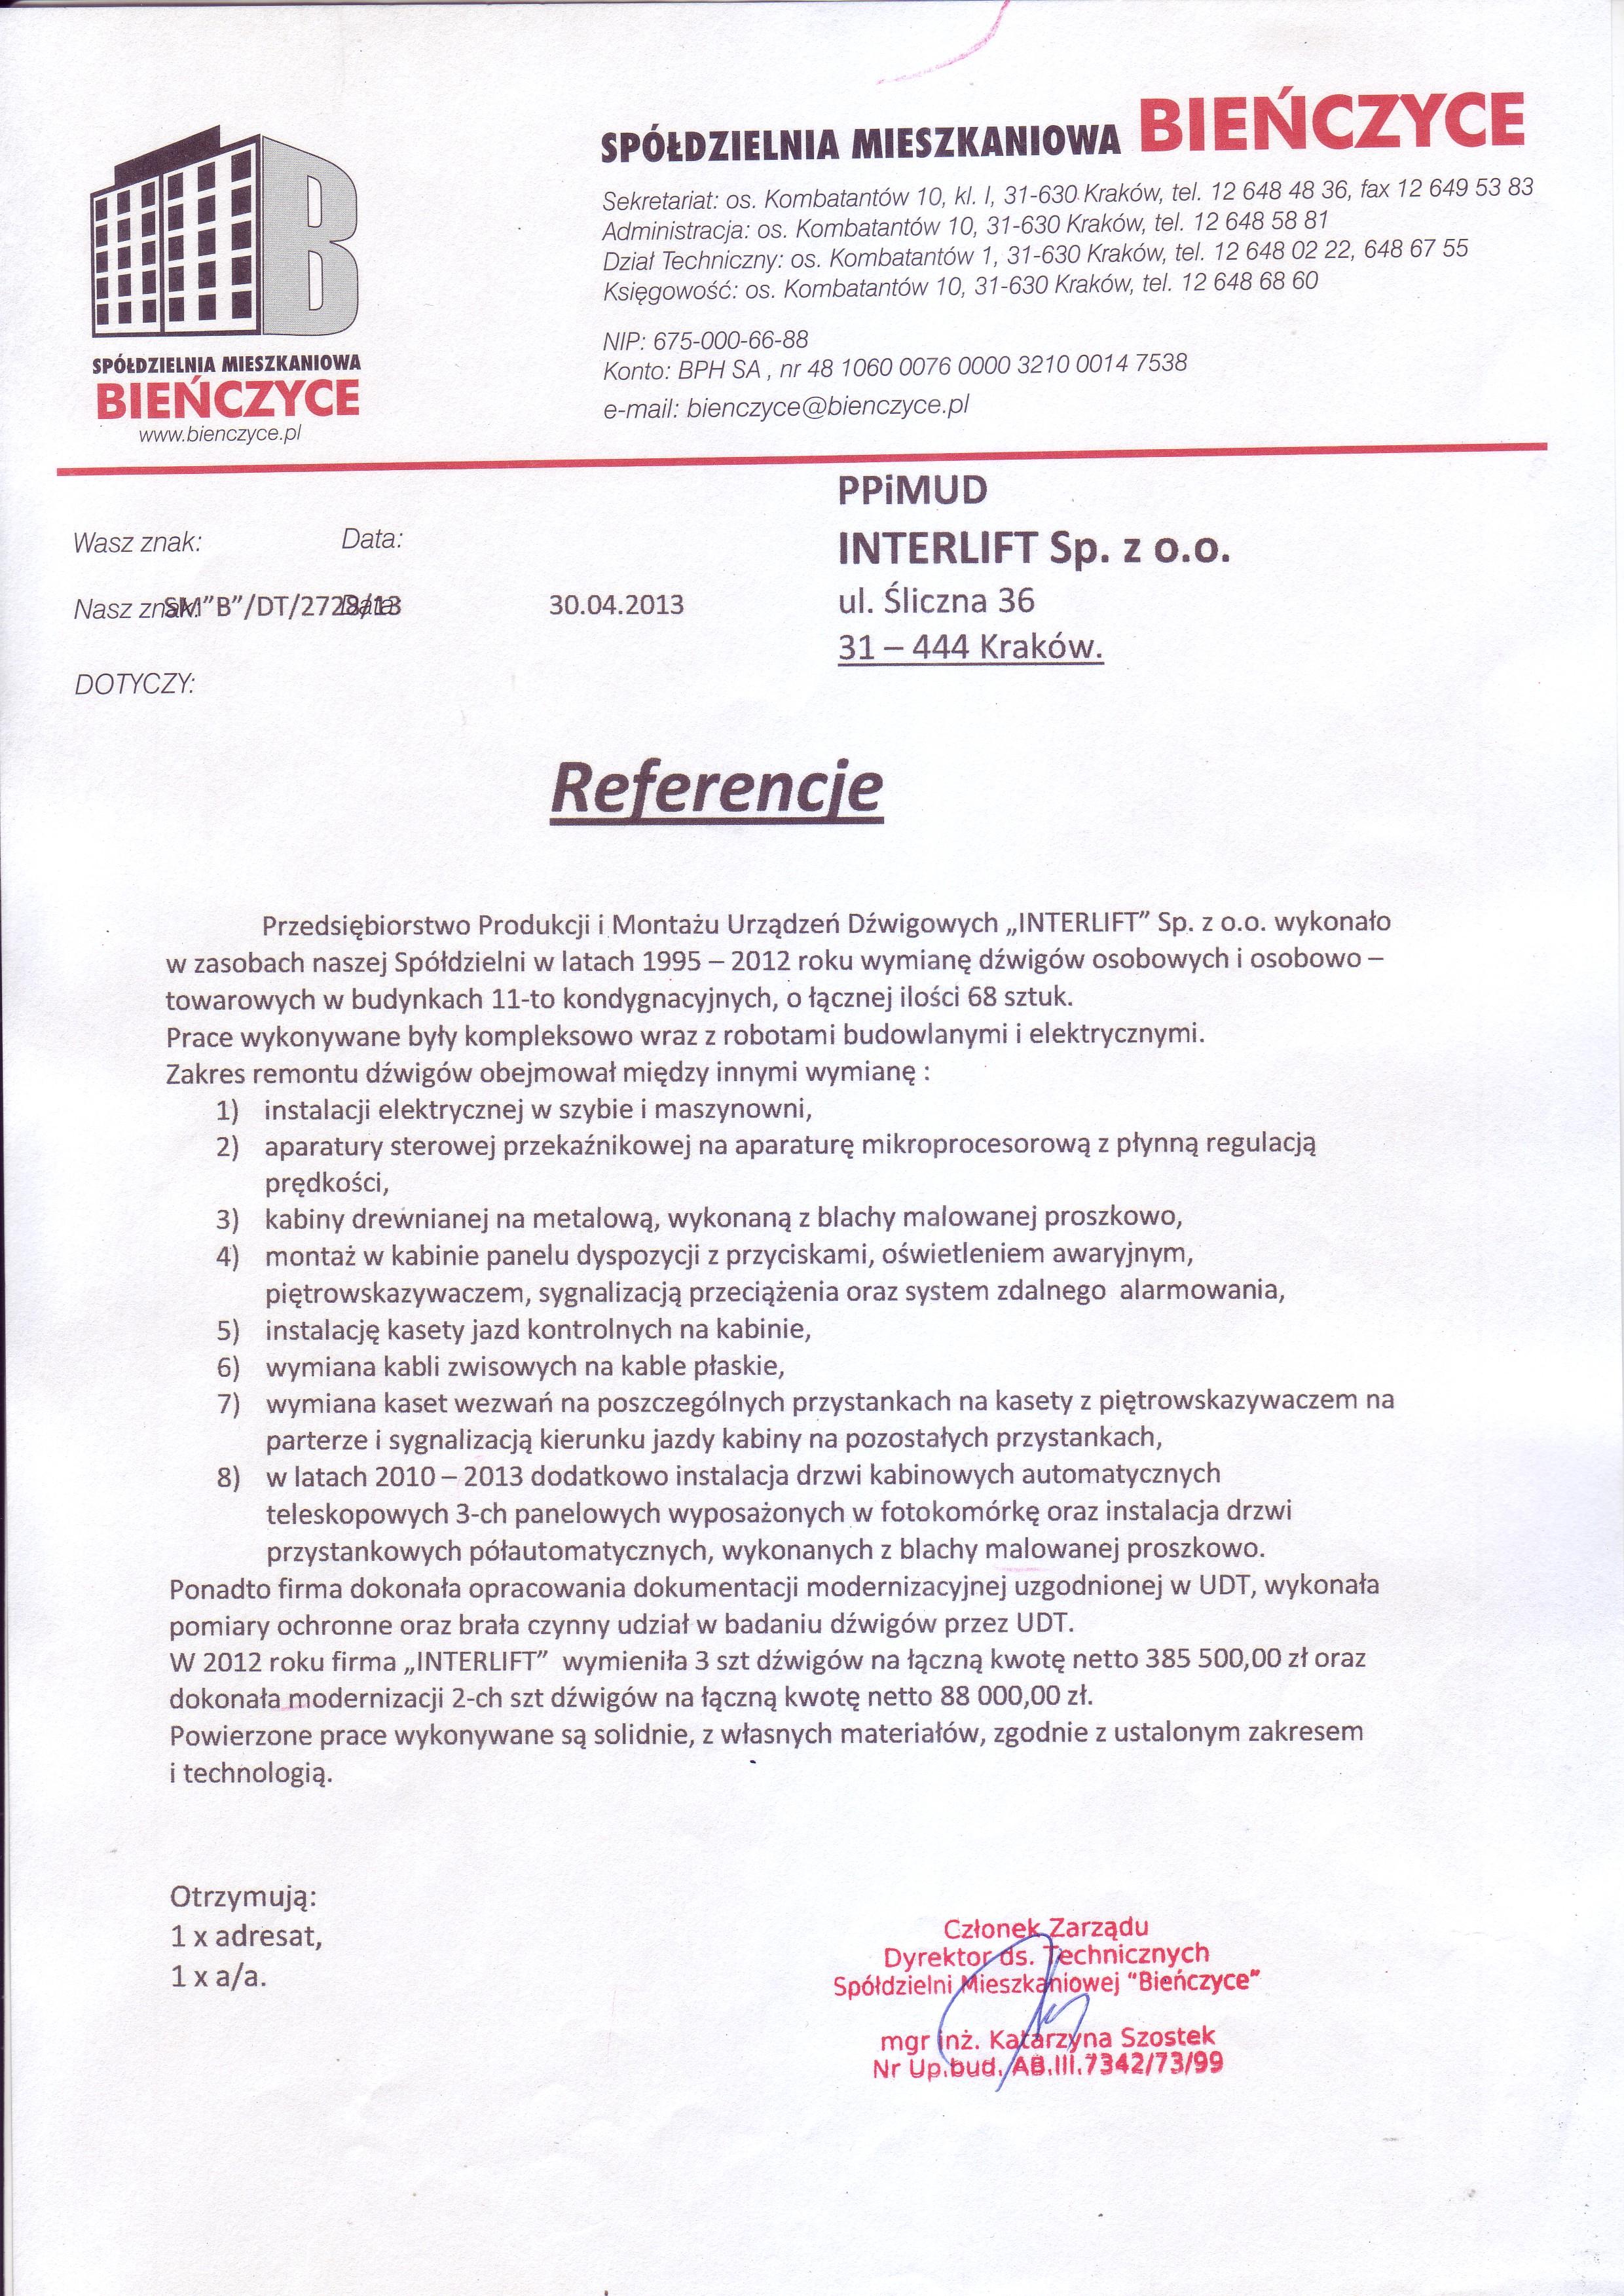 Referencje SM Bieńczyce